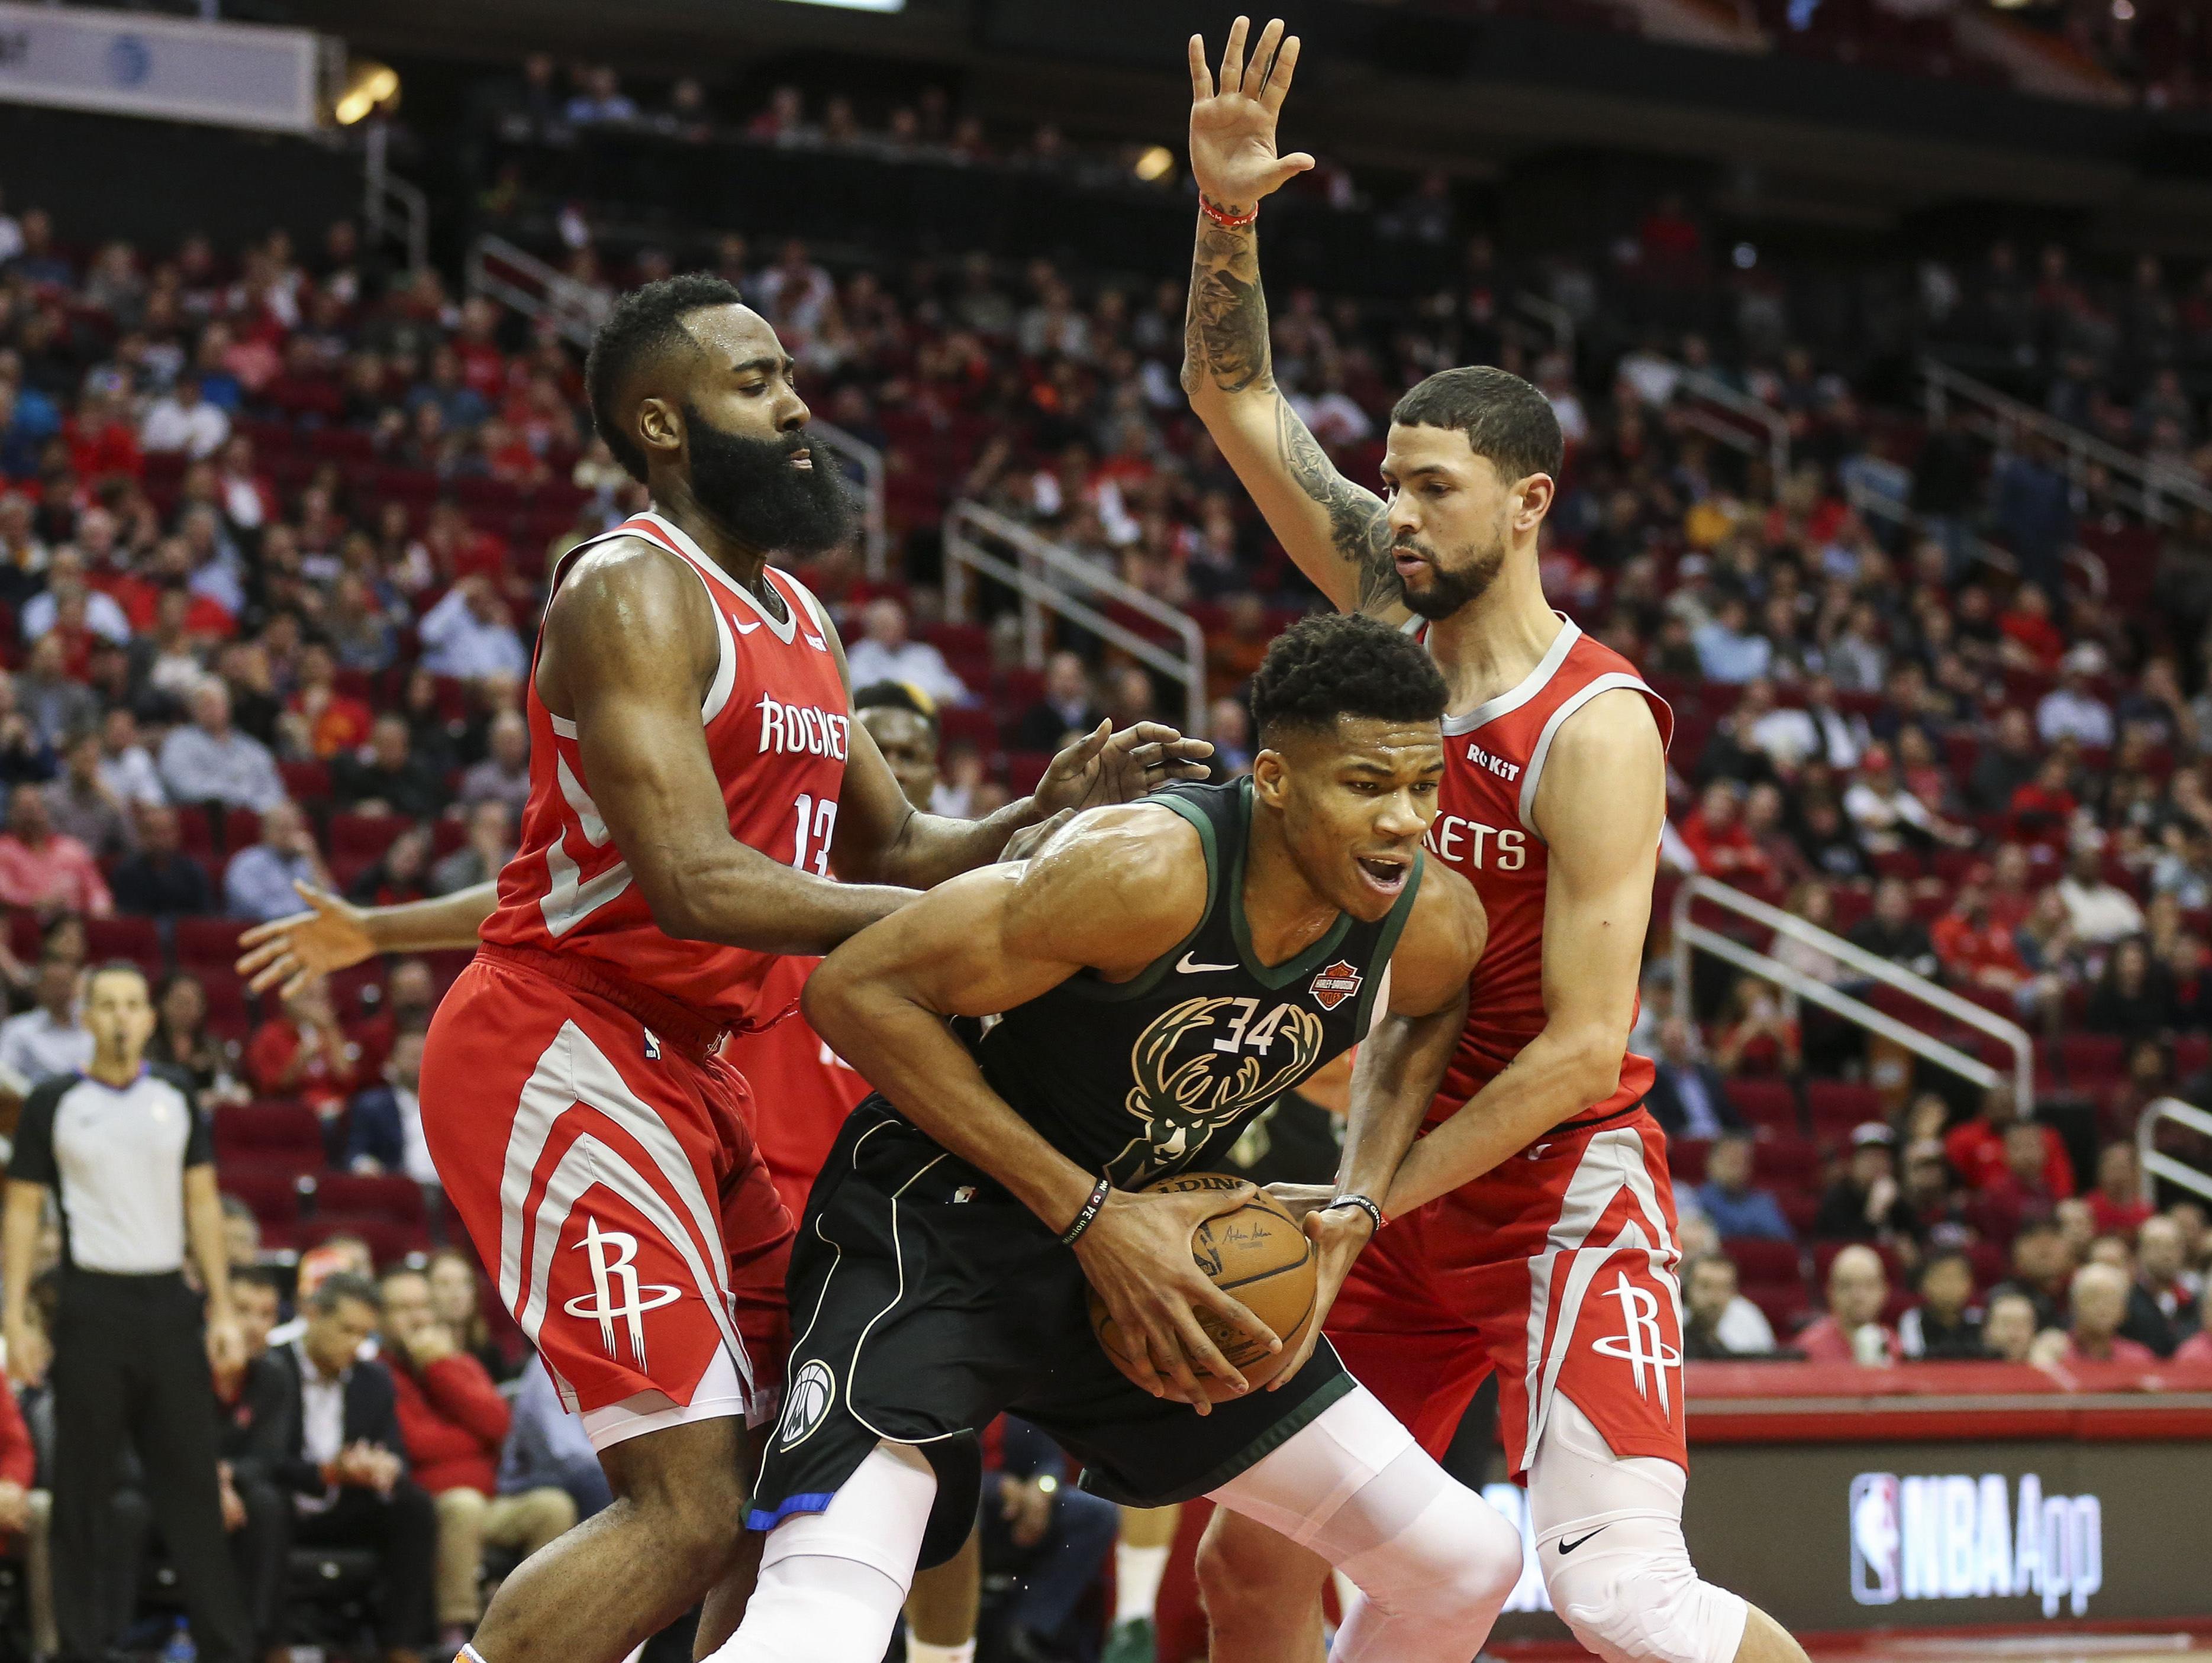 חצי הכוס המלאה: בחירות אמצע העונה ב-NBA, כולל דירוג המצטיינים